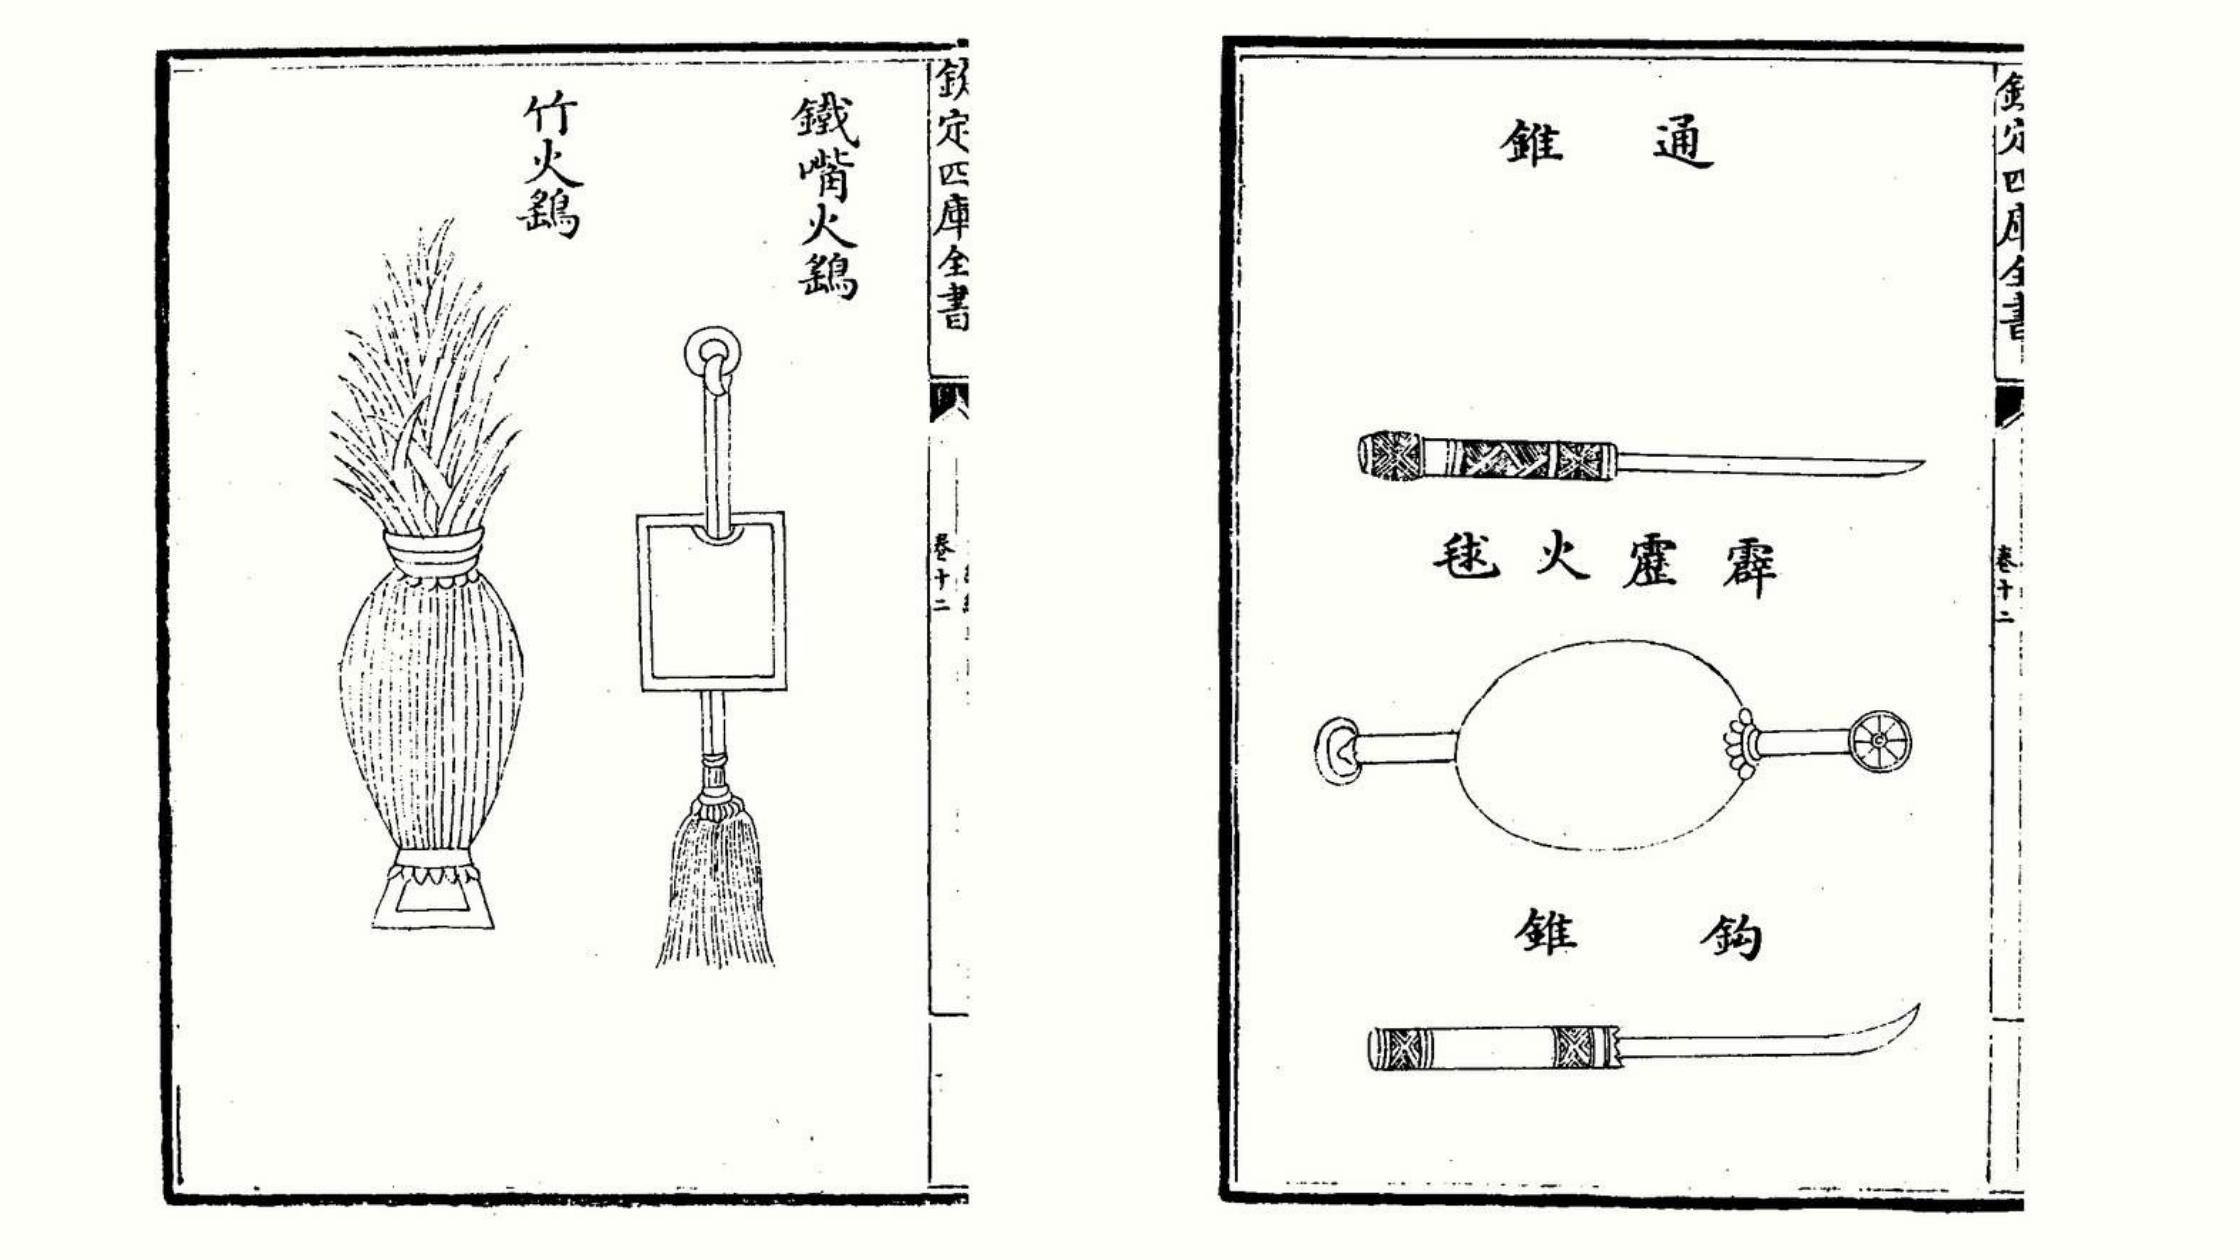 Bomba de fuego y granada de fuego. China. s. XI